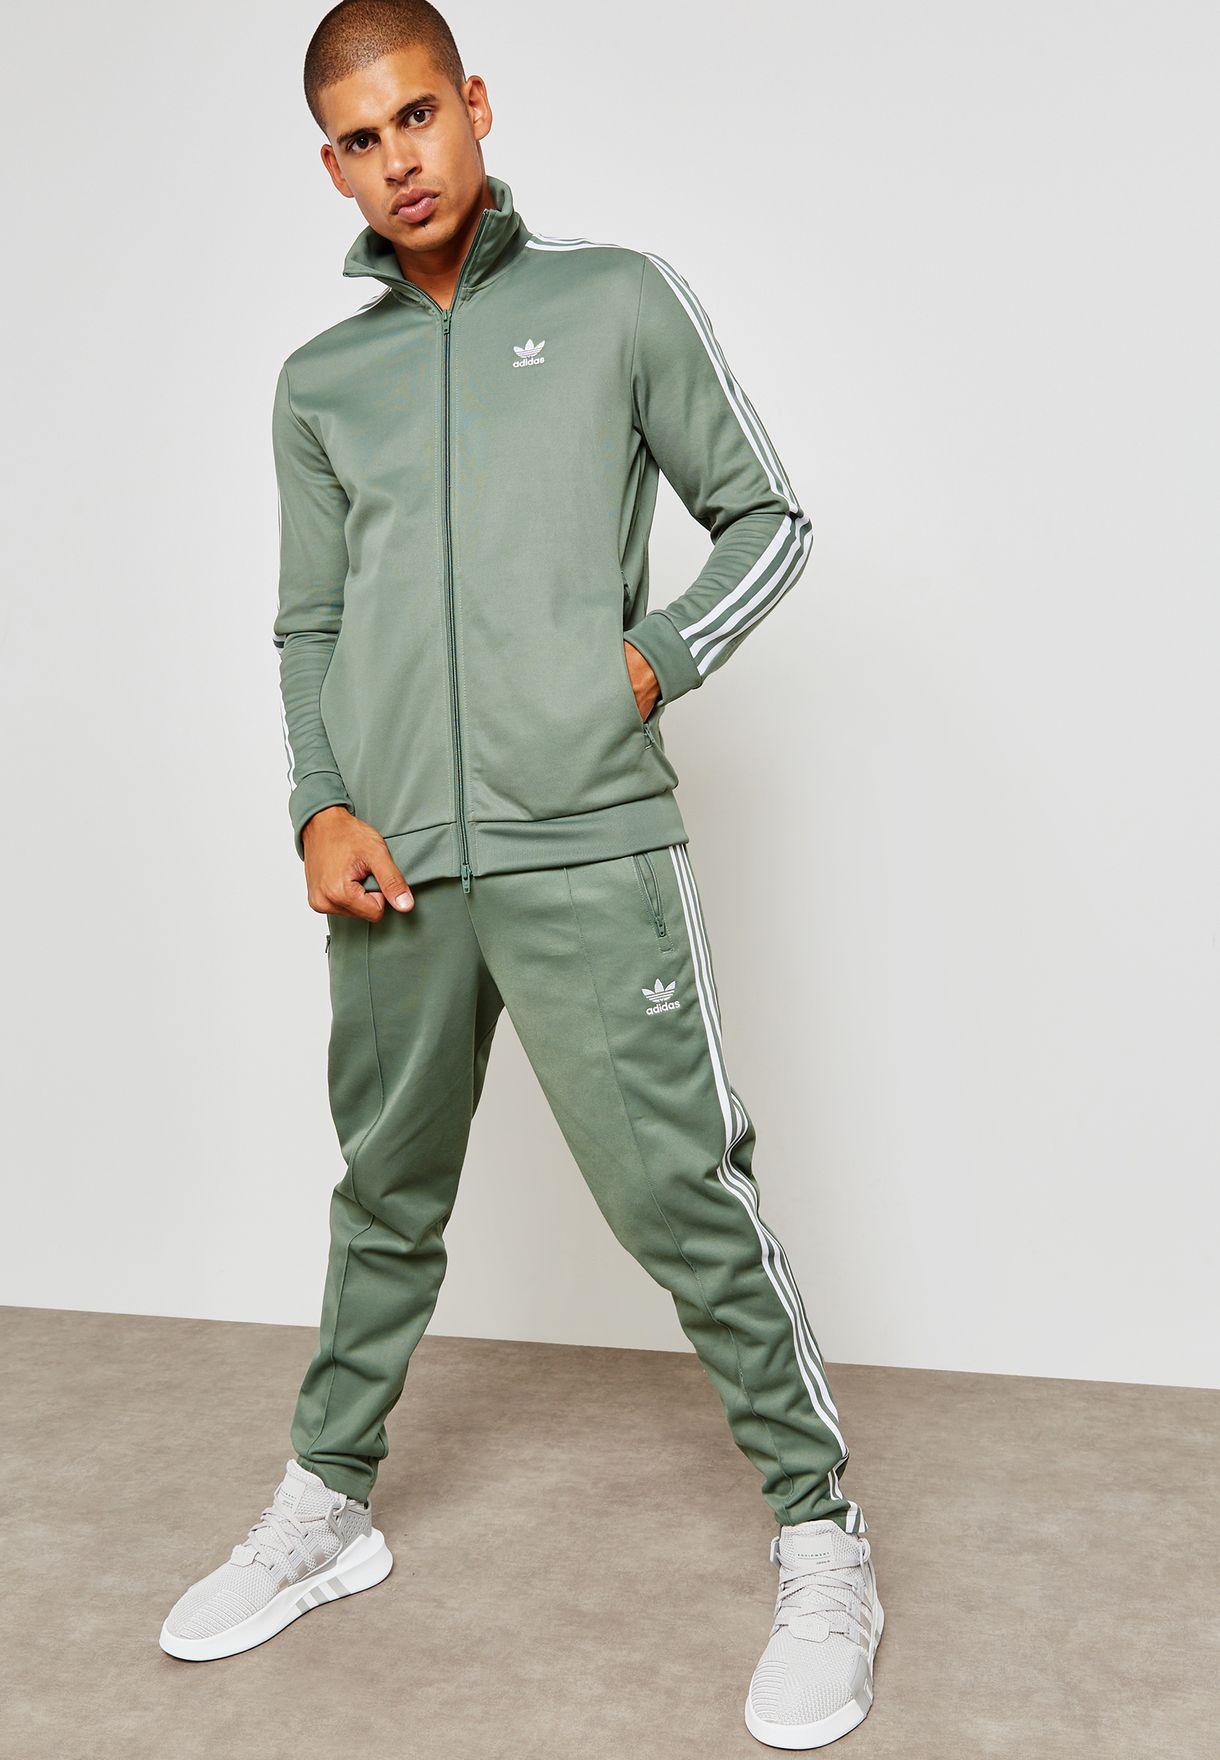 Sencillez el fin Viva  Buy adidas Originals green Adiclolor Beckenbauer Track Jacket for Men in  MENA, Worldwide | DH5820